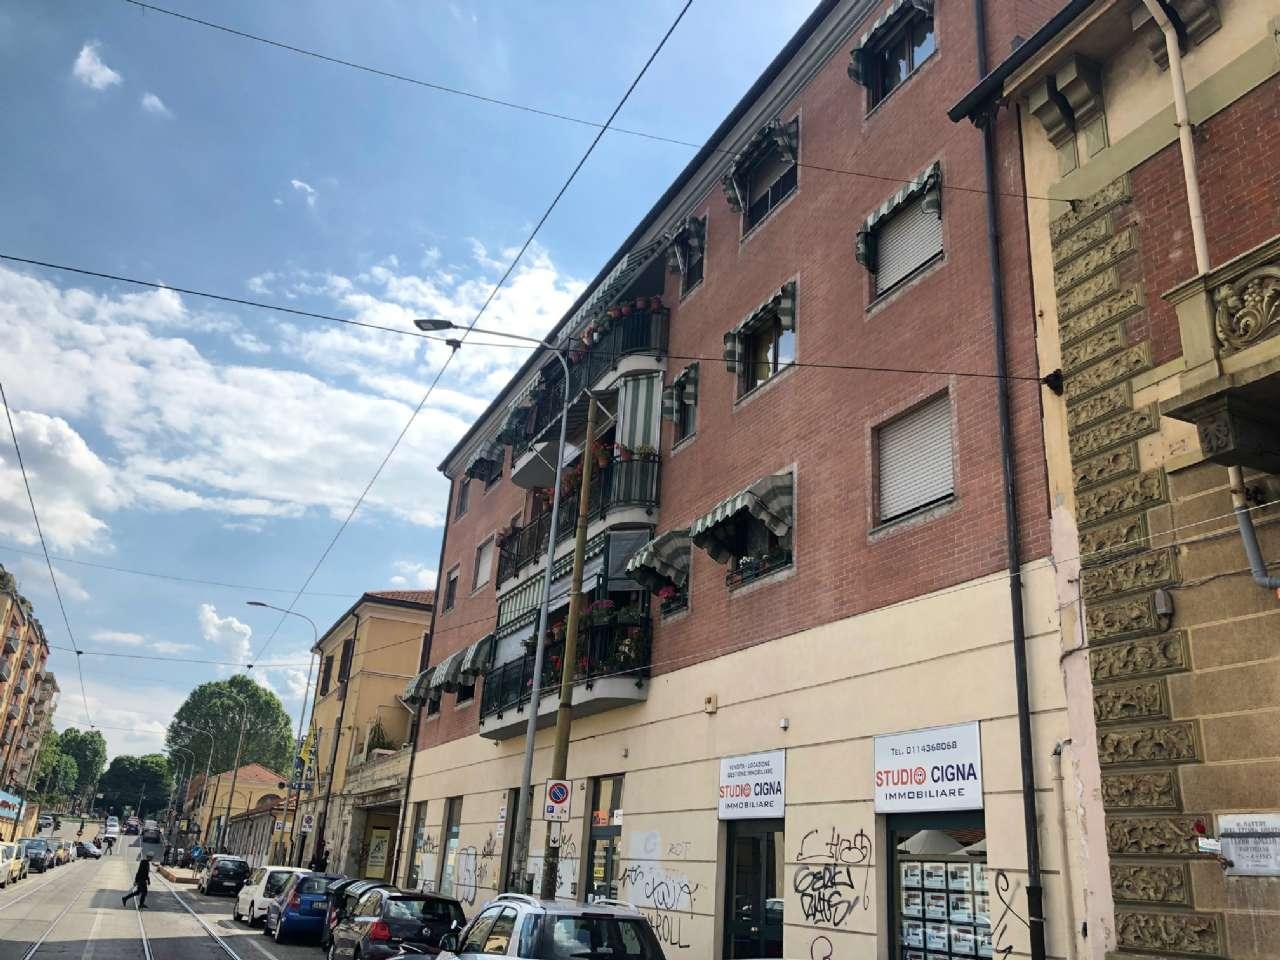 Appartamento in vendita Zona Barriera Milano, Falchera, Barca-Be... - via cigna 15 Torino